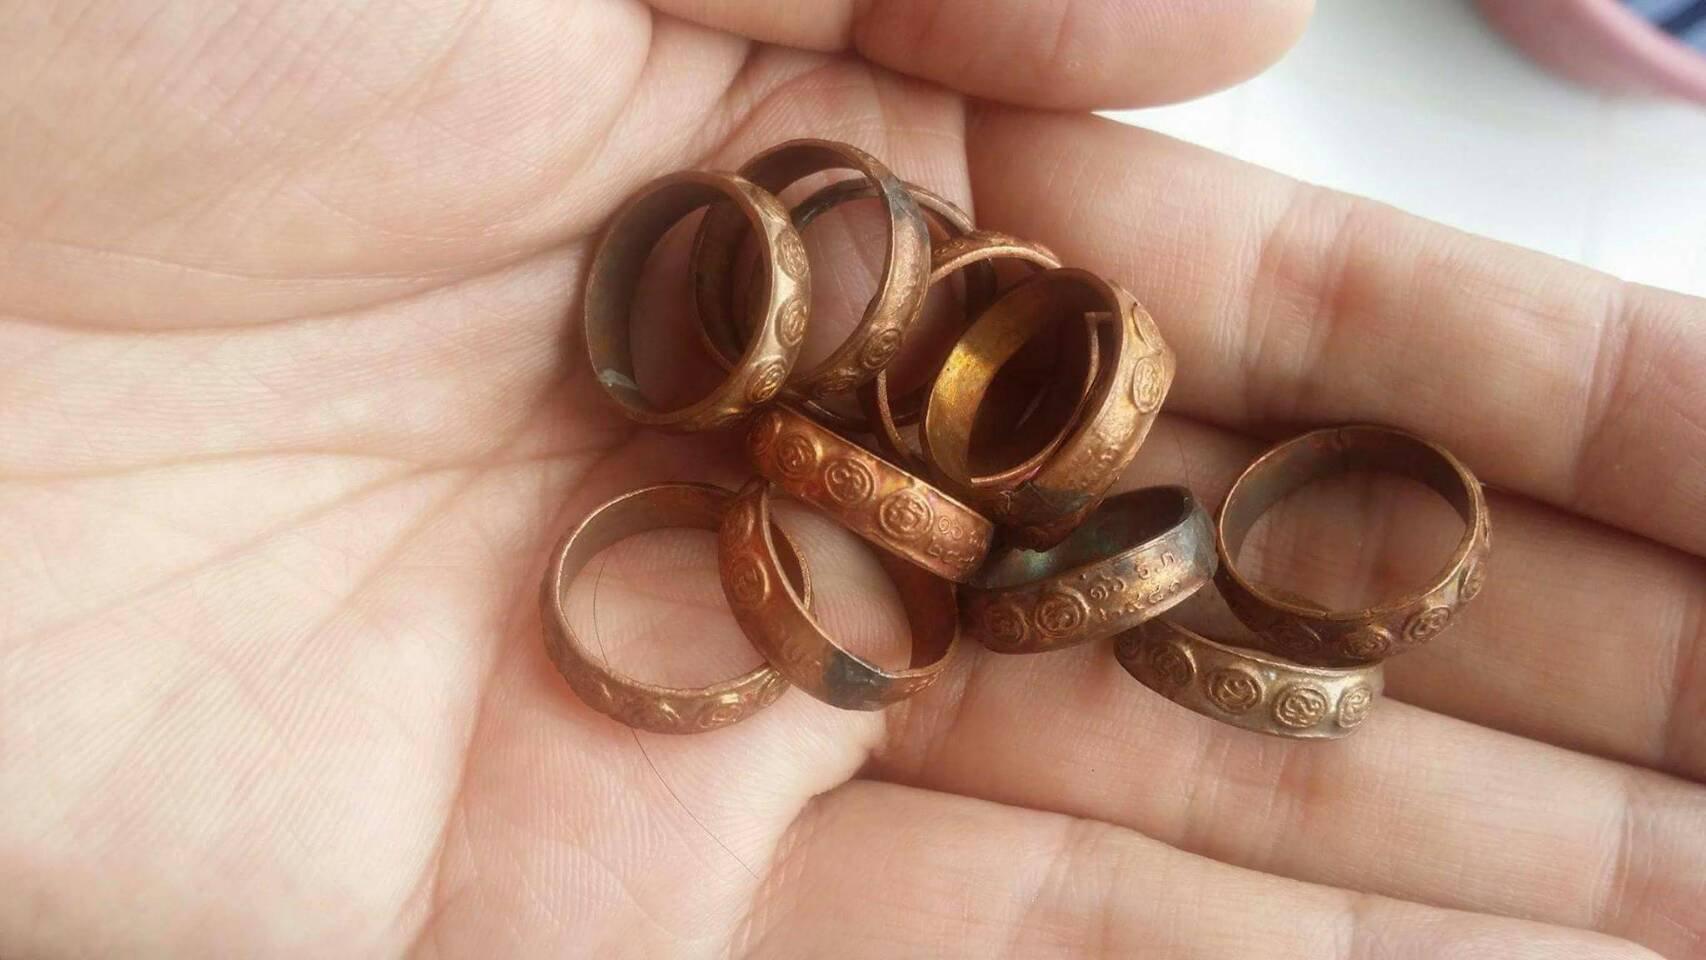 ขายแหวนมงคลเก้า วัดราชบพิตร ปลุกเสกครั้งที่4 ปี2481 รูปที่ 5